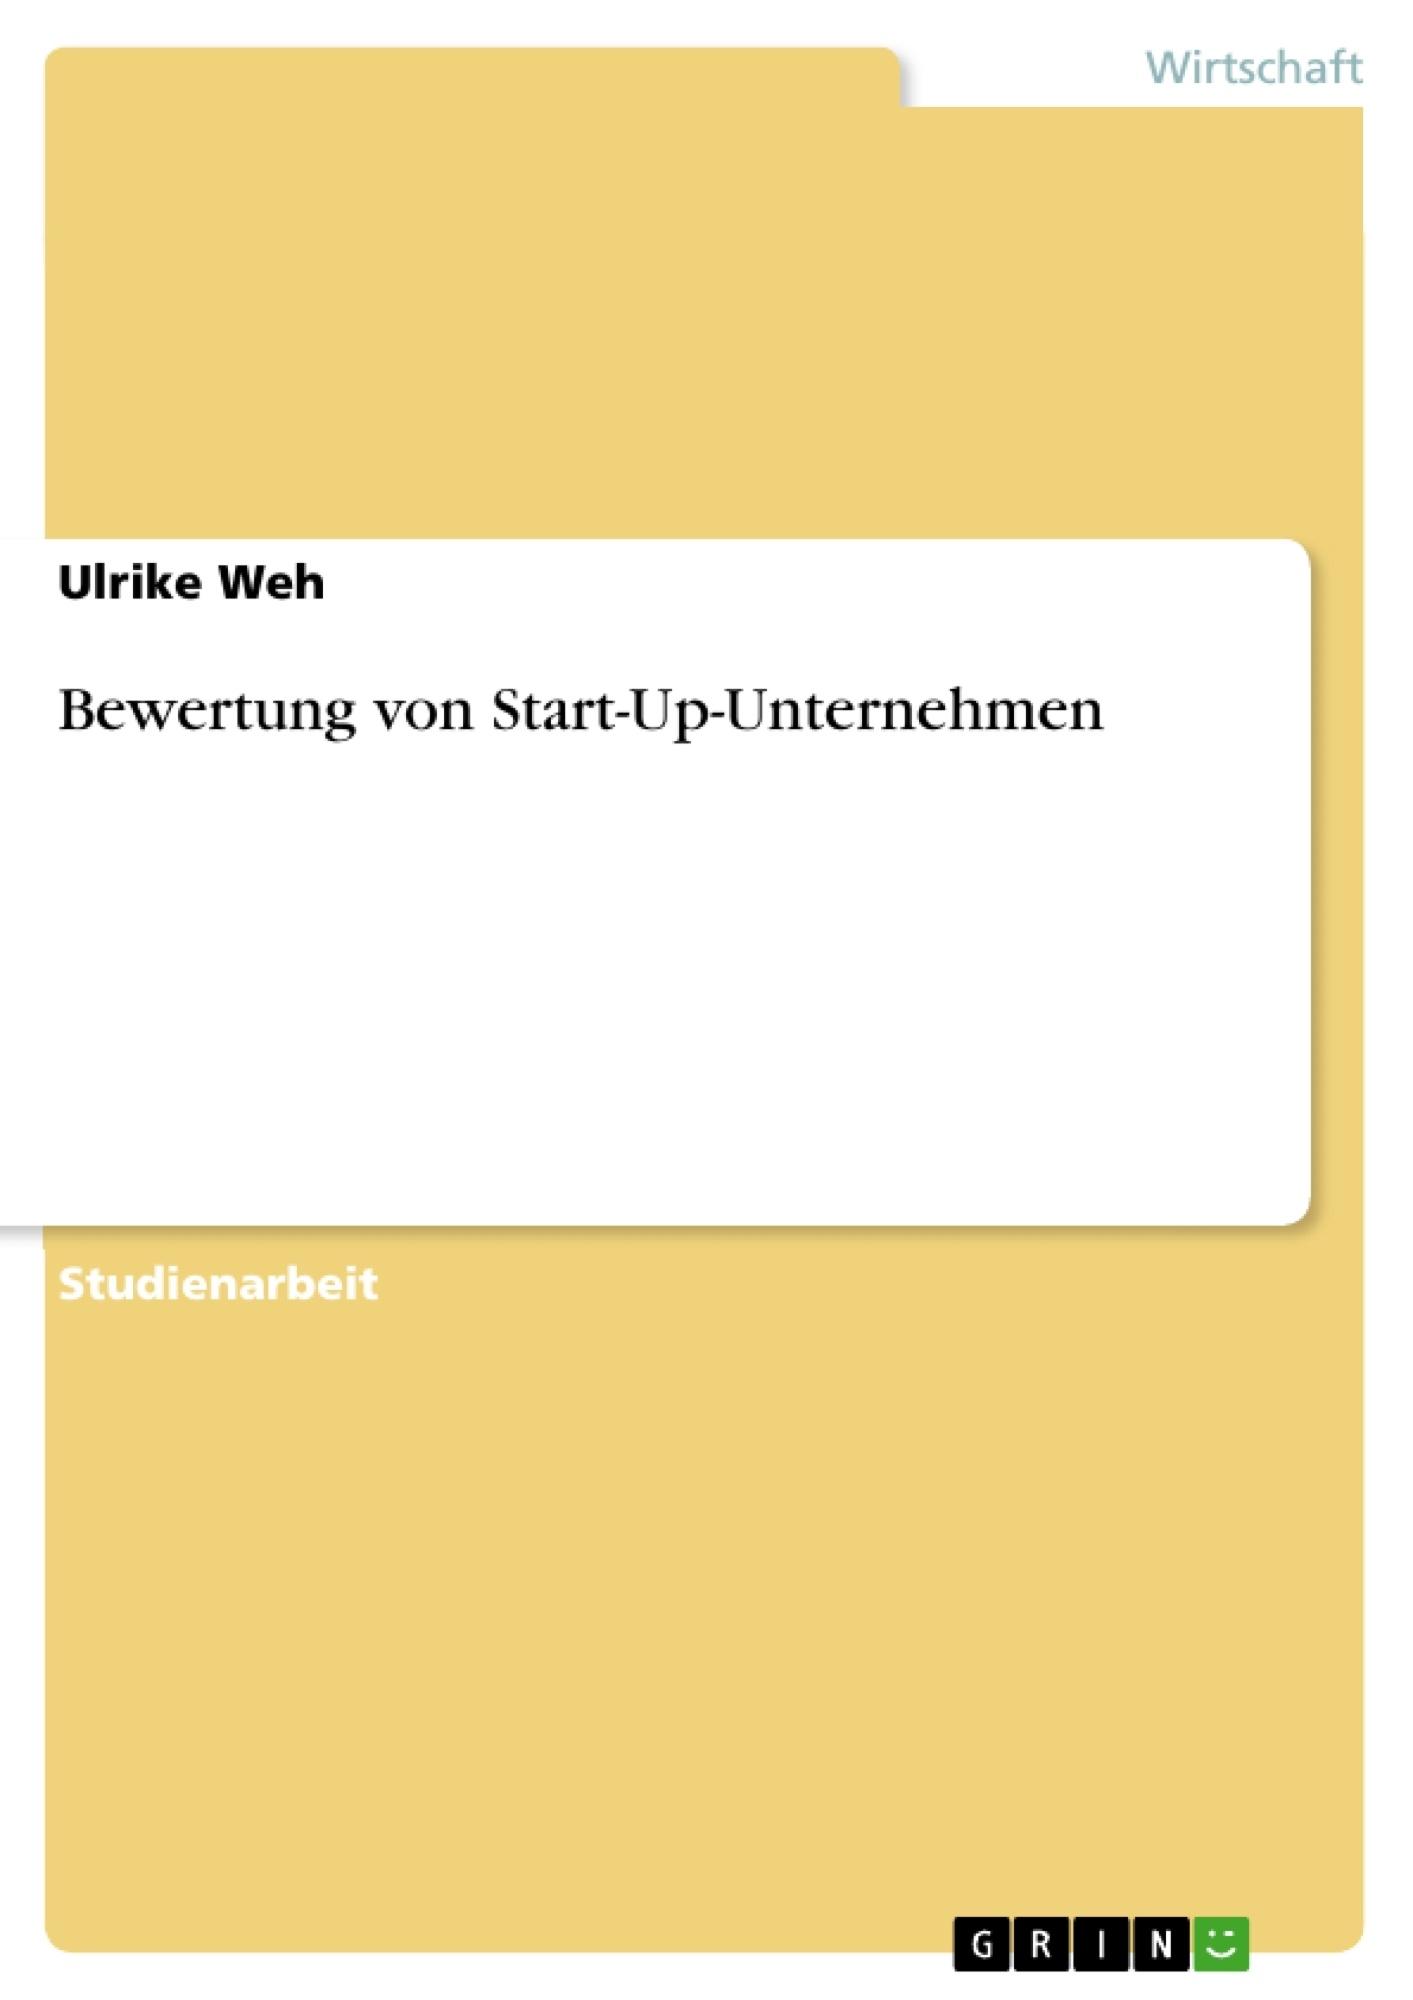 Titel: Bewertung von Start-Up-Unternehmen